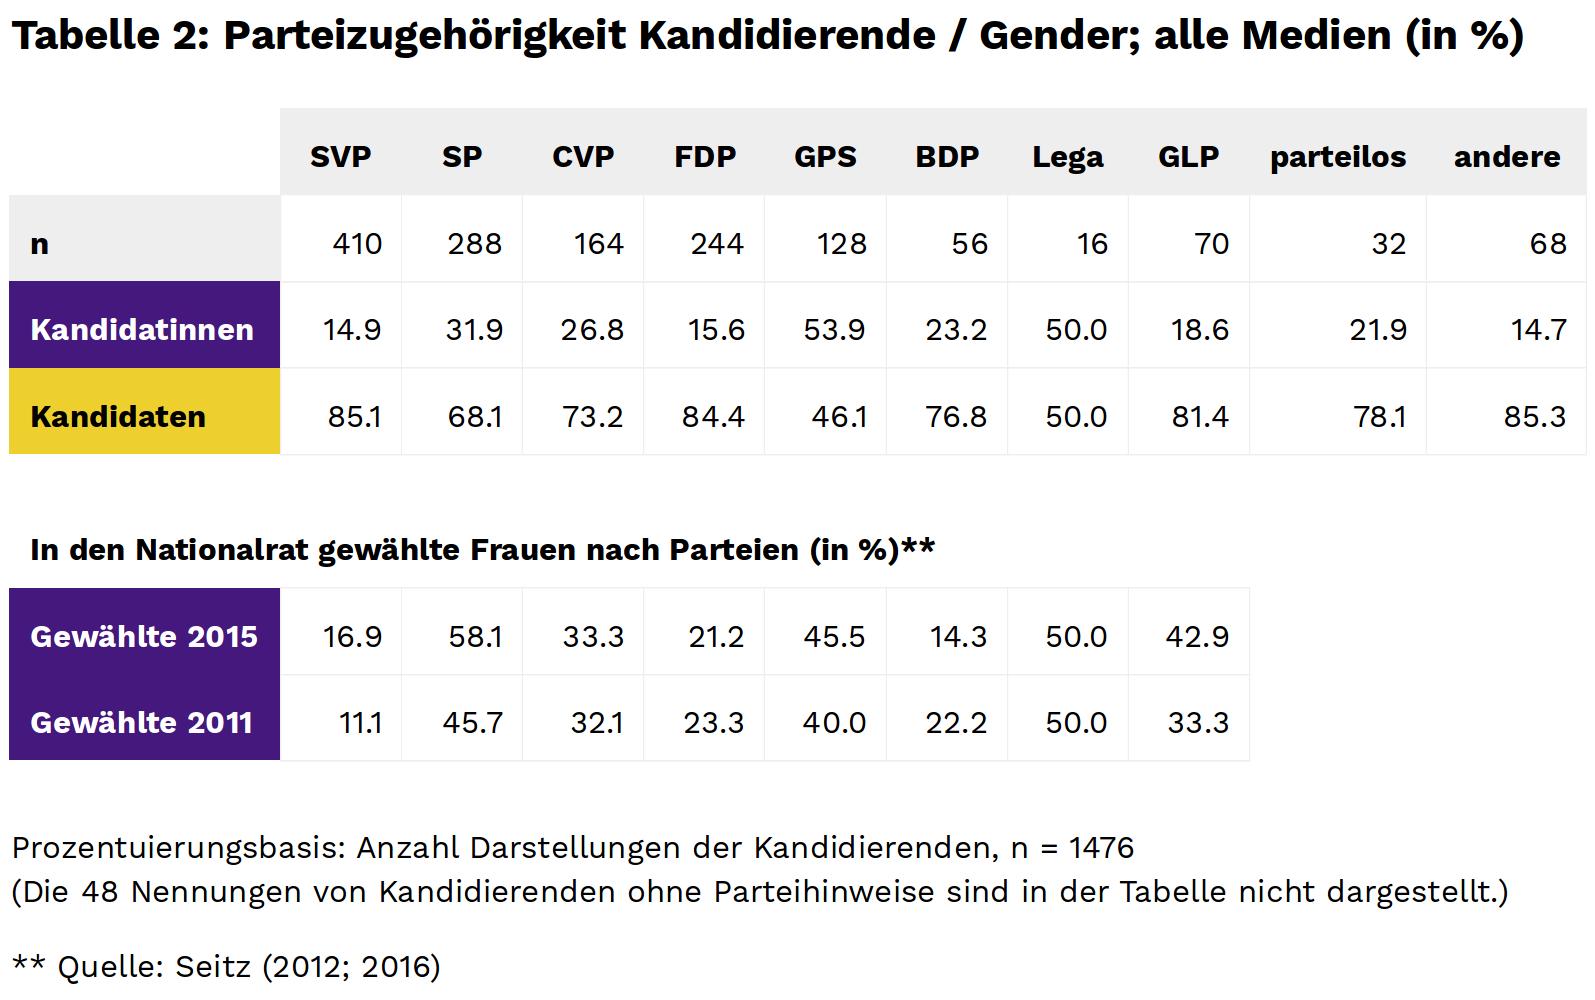 gender_vorwahlberichterstattung_table_2